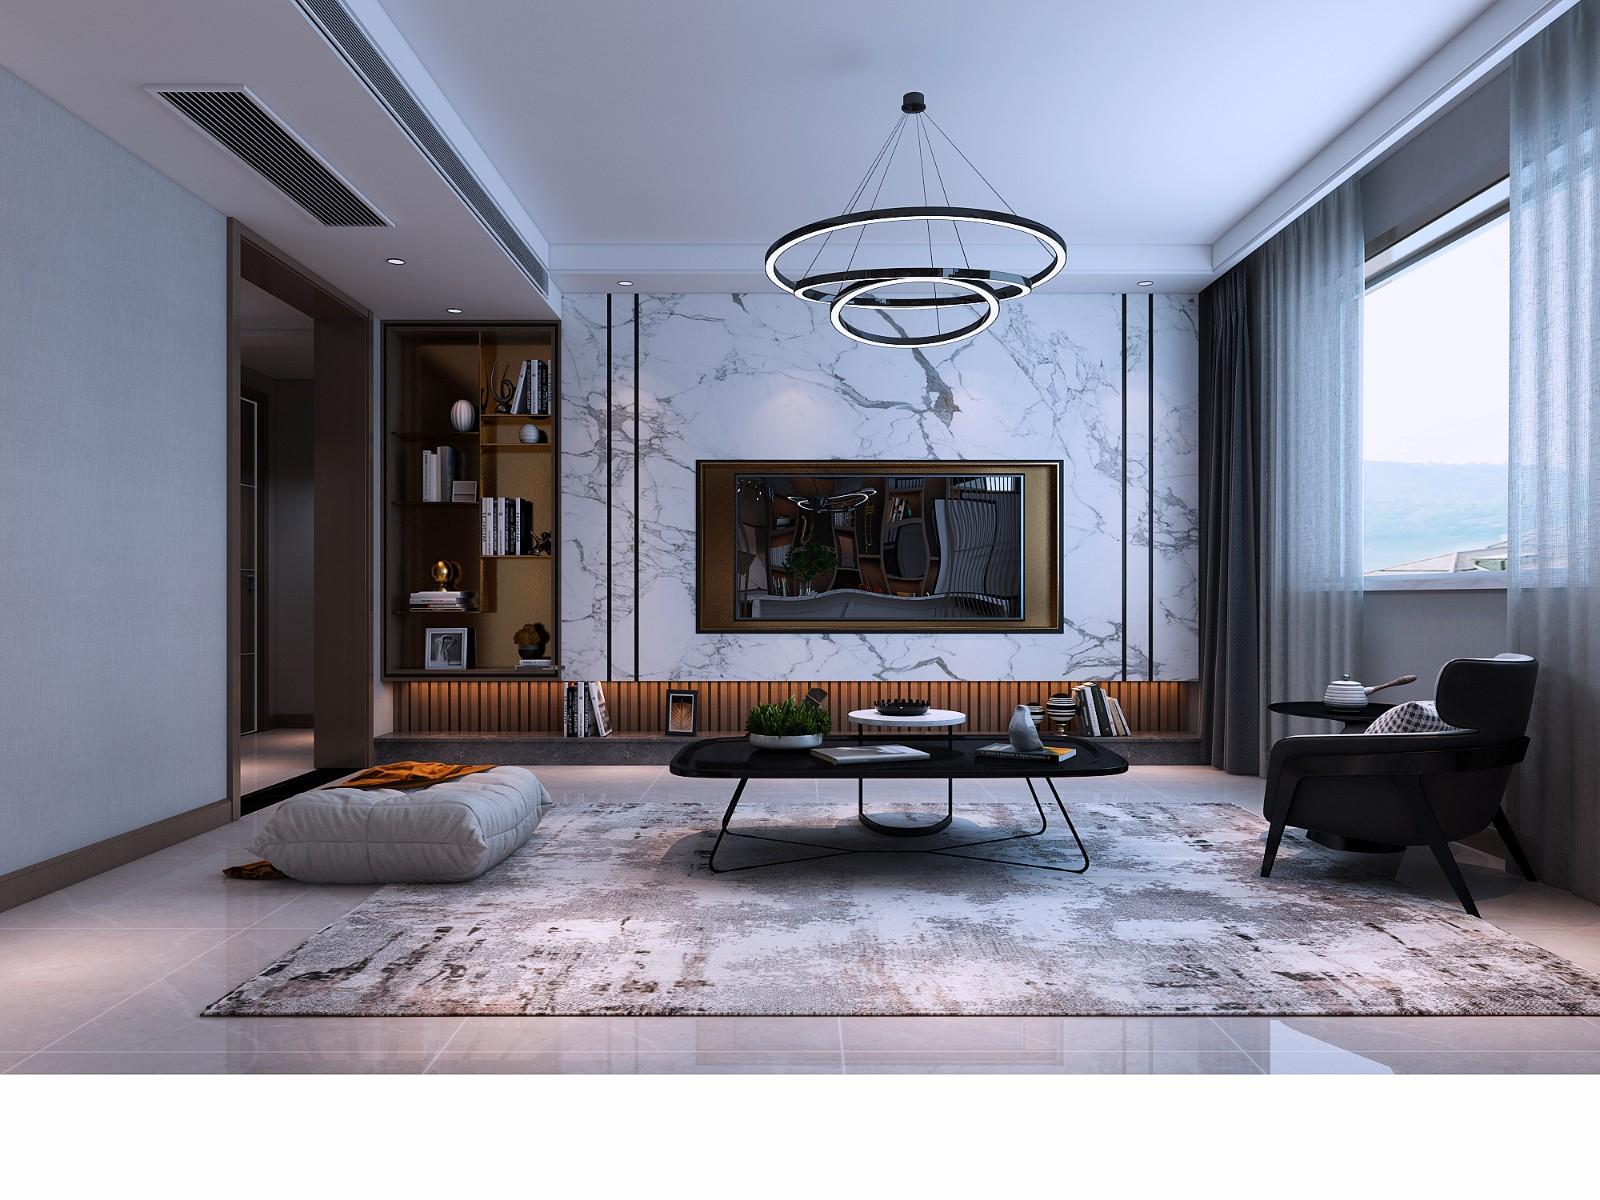 绿城方案客厅现代简约客厅设计图片赏析